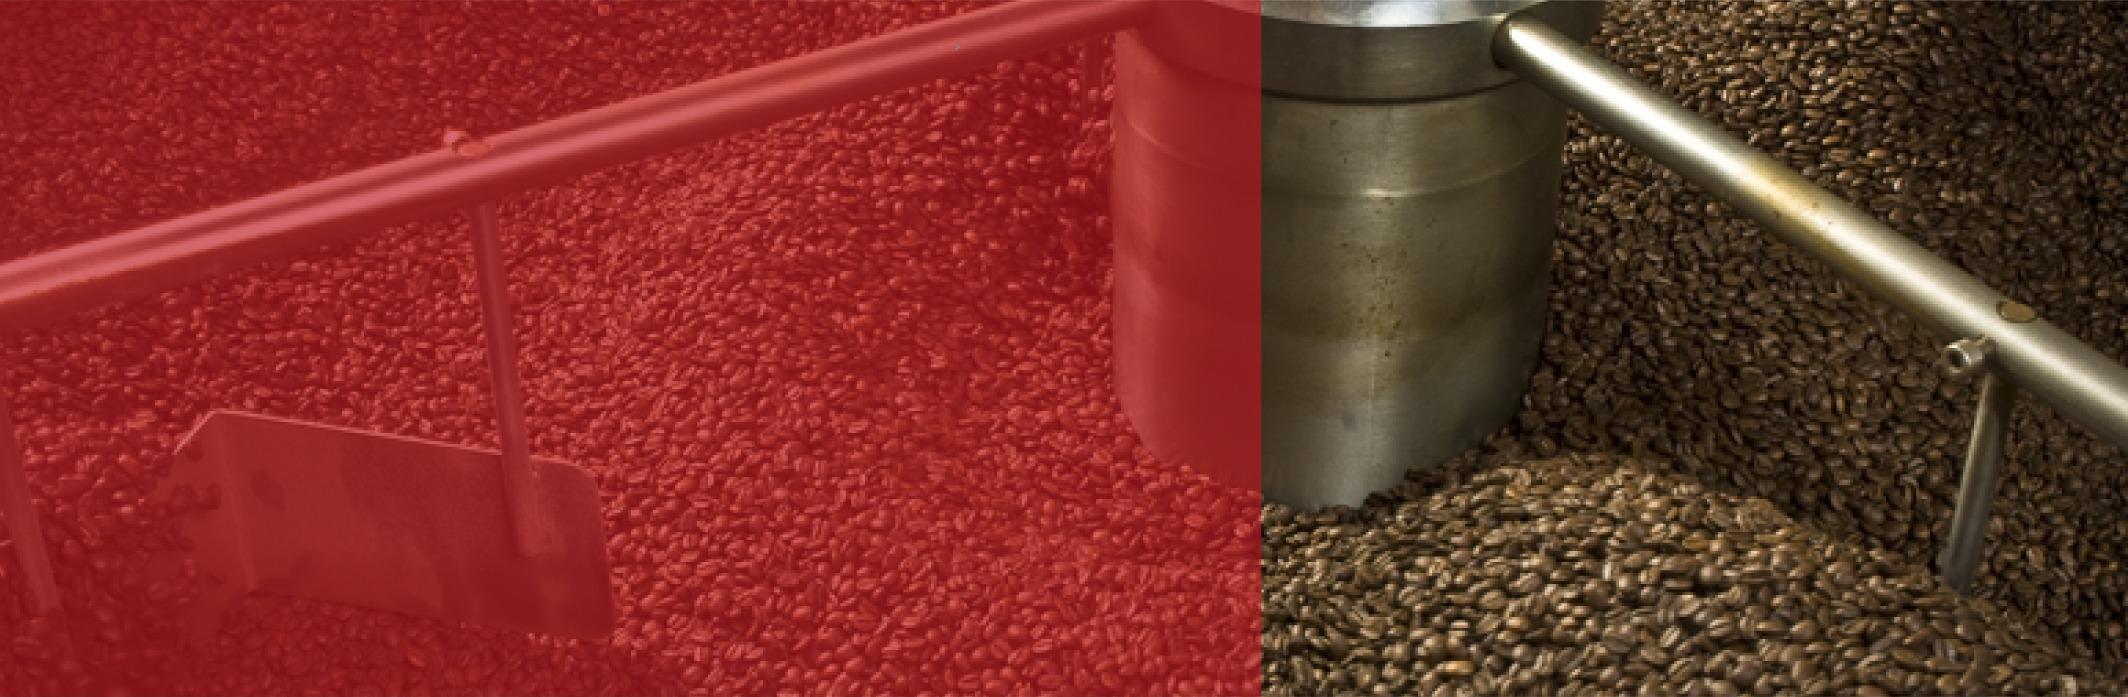 Caffè Malabar - Slider Caffè